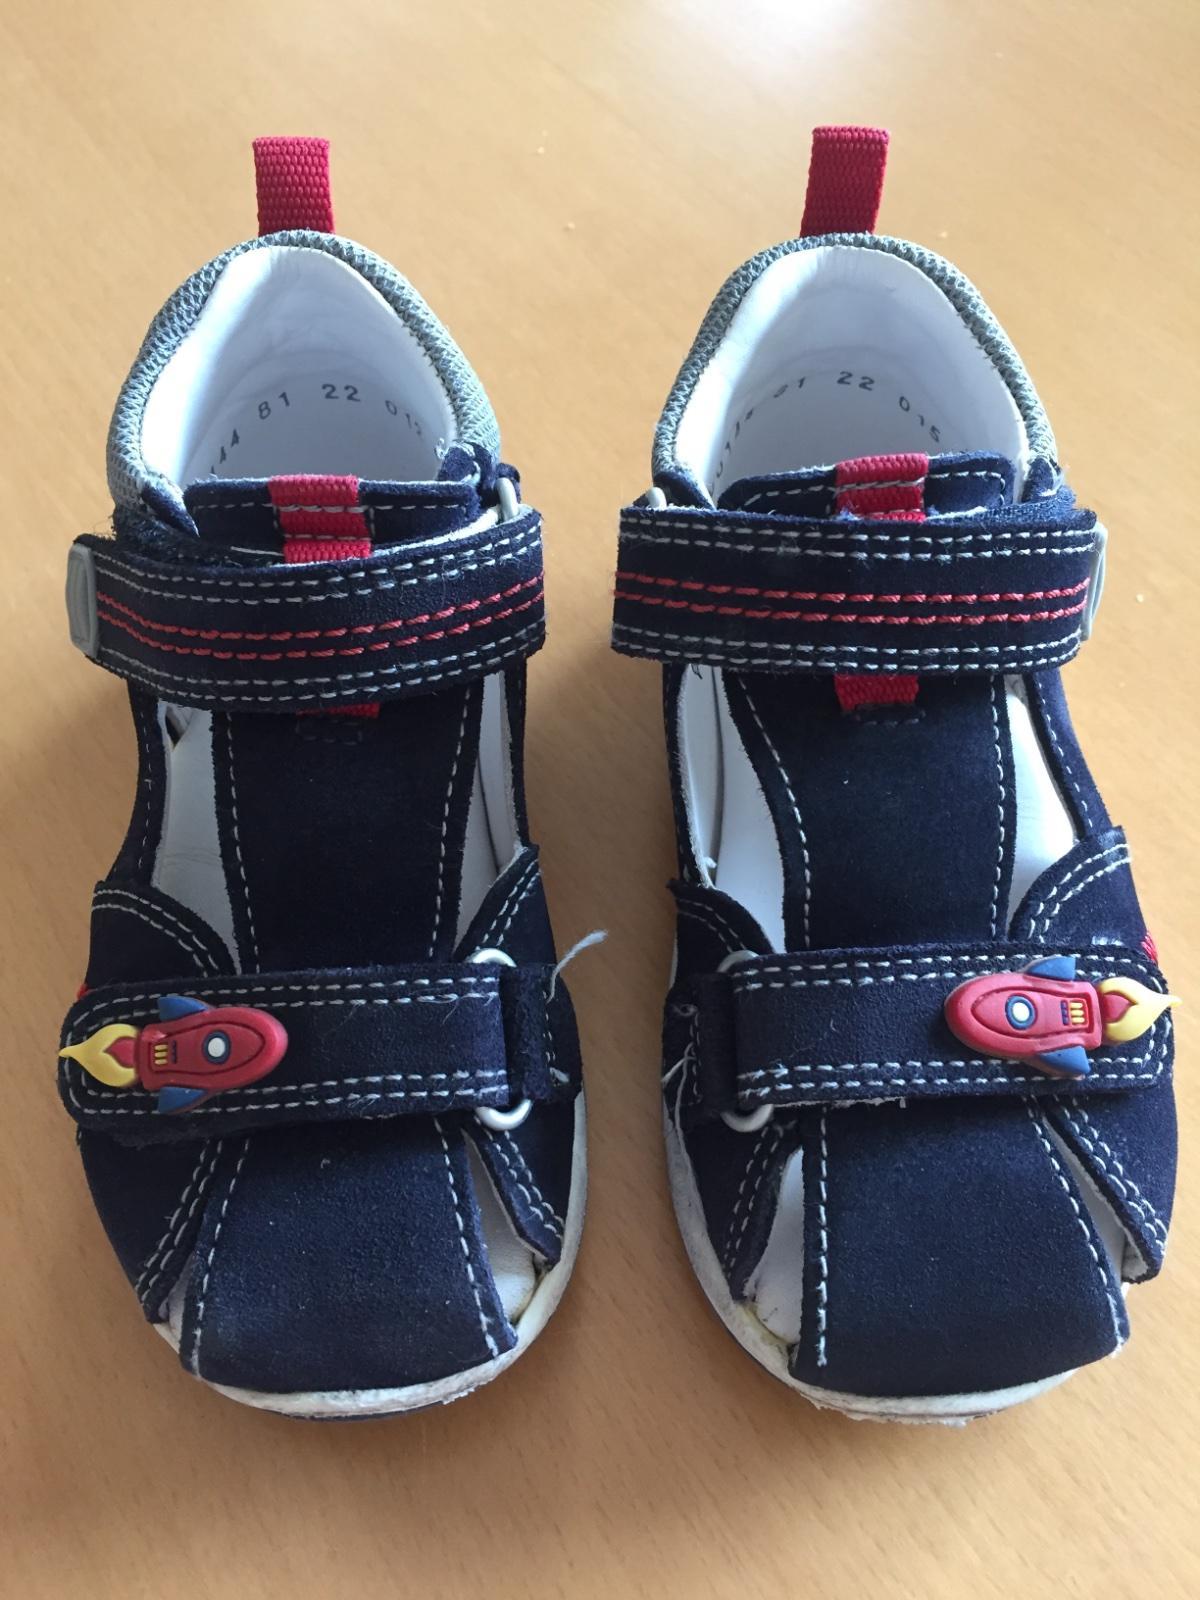 Sandále superfit č.22, superfit,22 - 15 € od predávajúcej ...